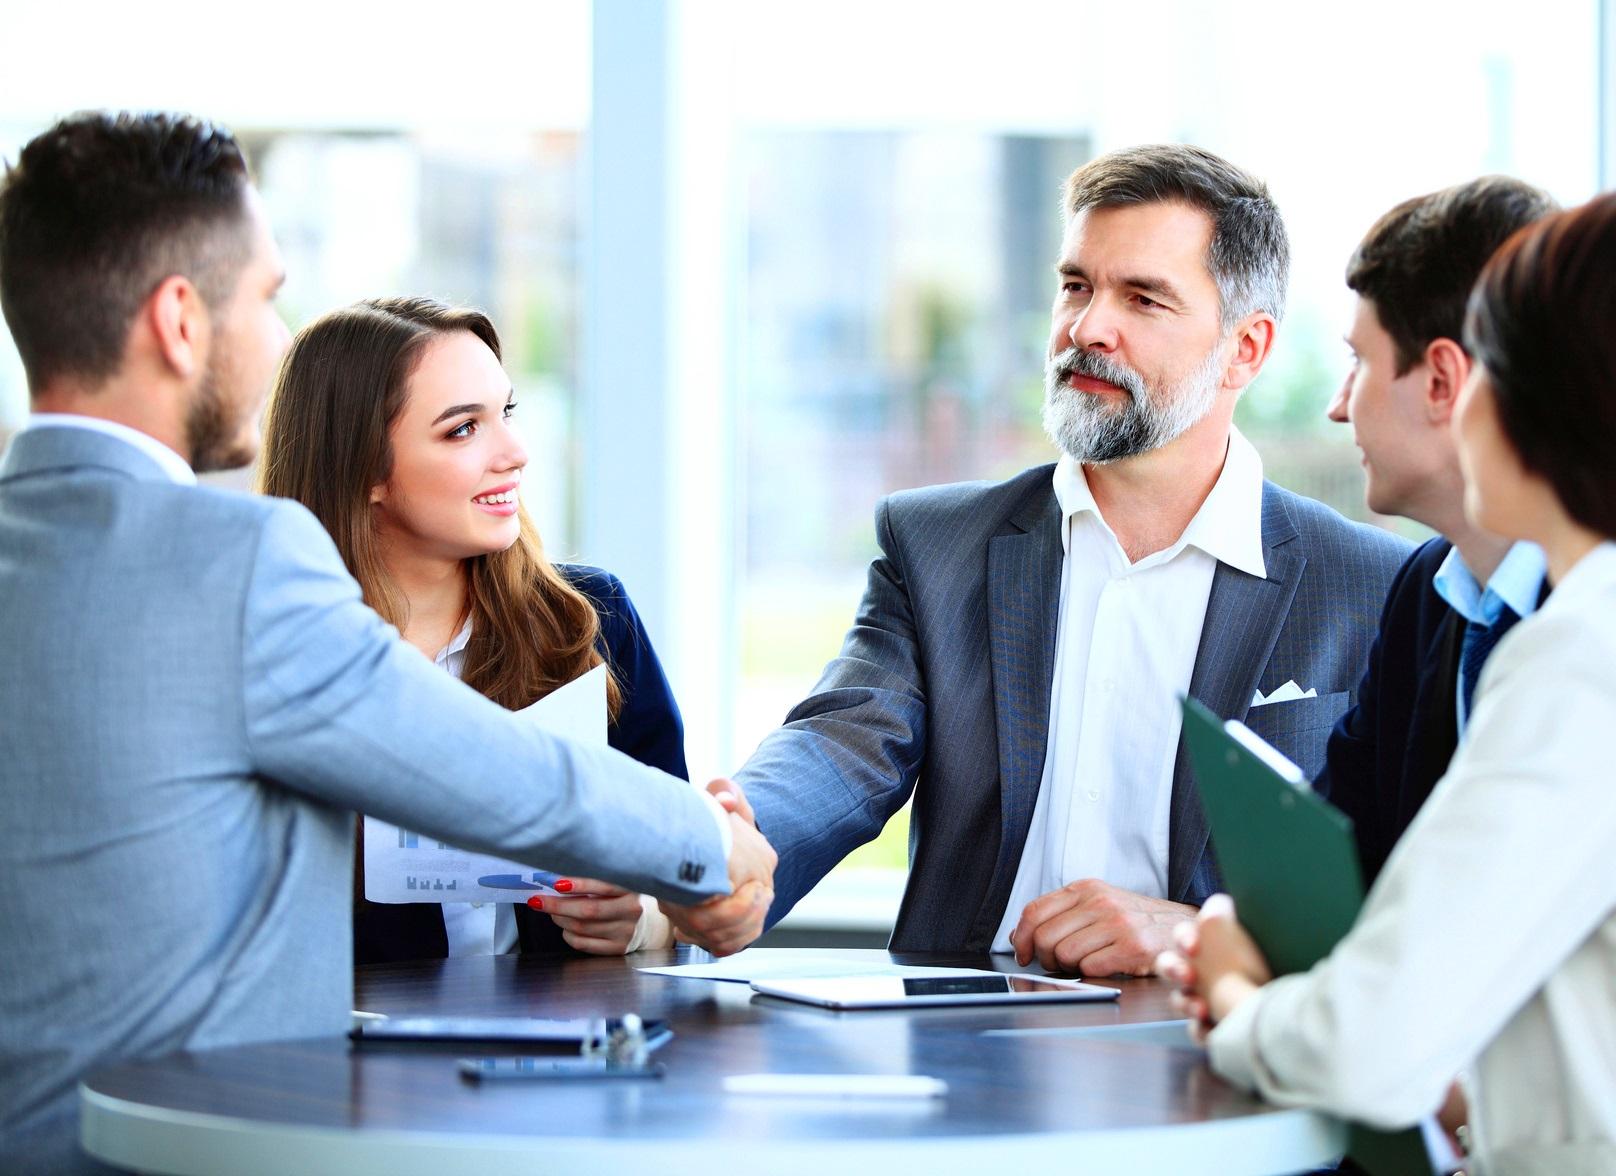 Dołącz do platformy EuroQuity, gdzie firmy z potencjałem wzrostu spotykają się z inwestorami i doradcami biznesowymi